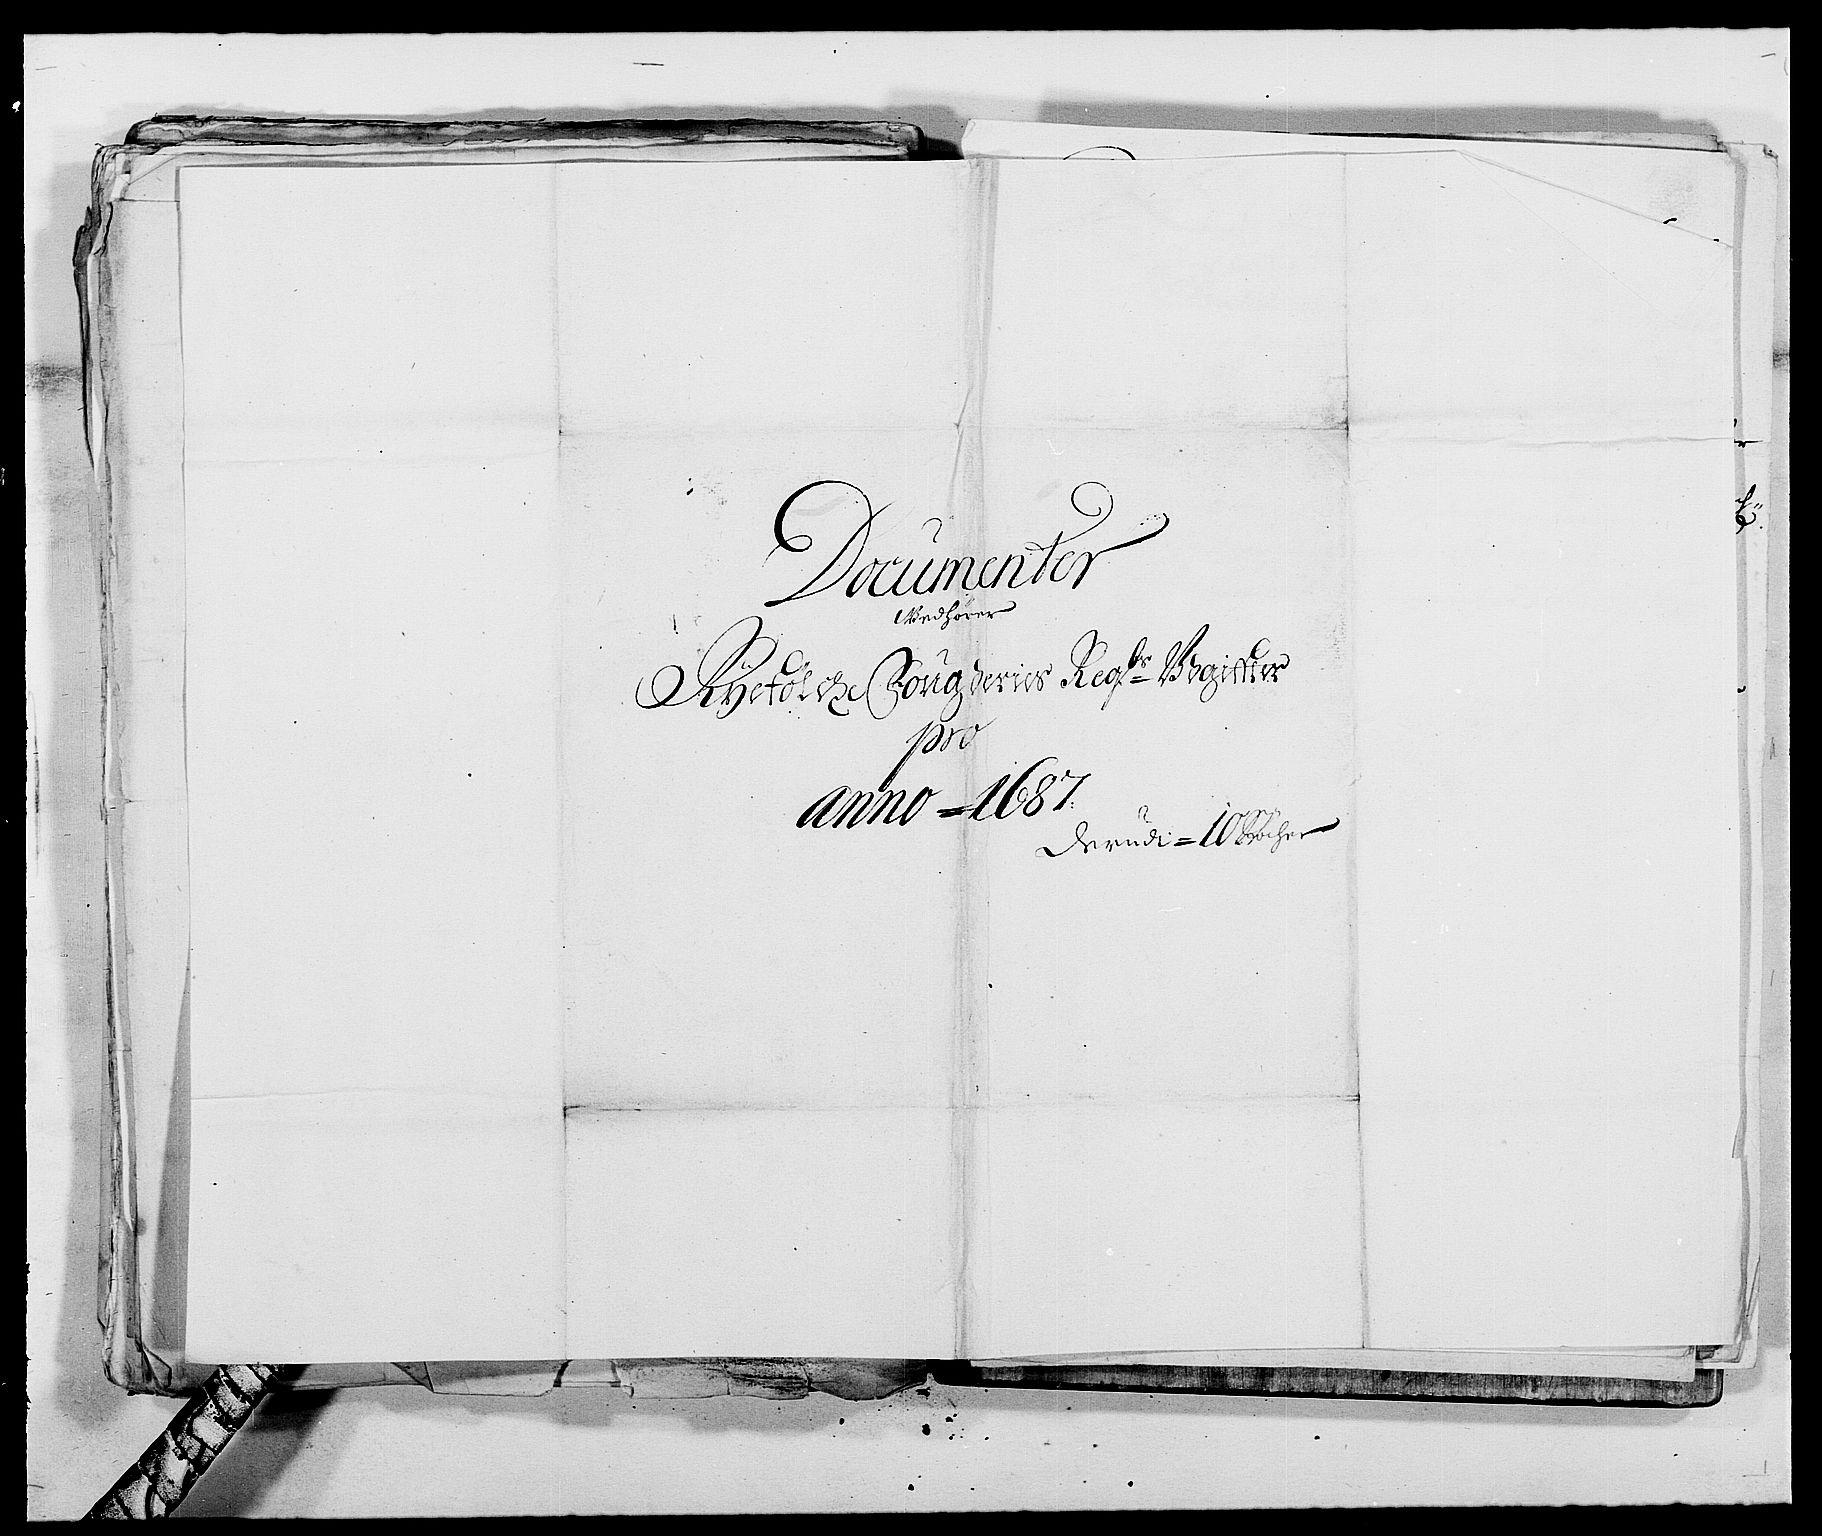 RA, Rentekammeret inntil 1814, Reviderte regnskaper, Fogderegnskap, R47/L2855: Fogderegnskap Ryfylke, 1685-1688, s. 313